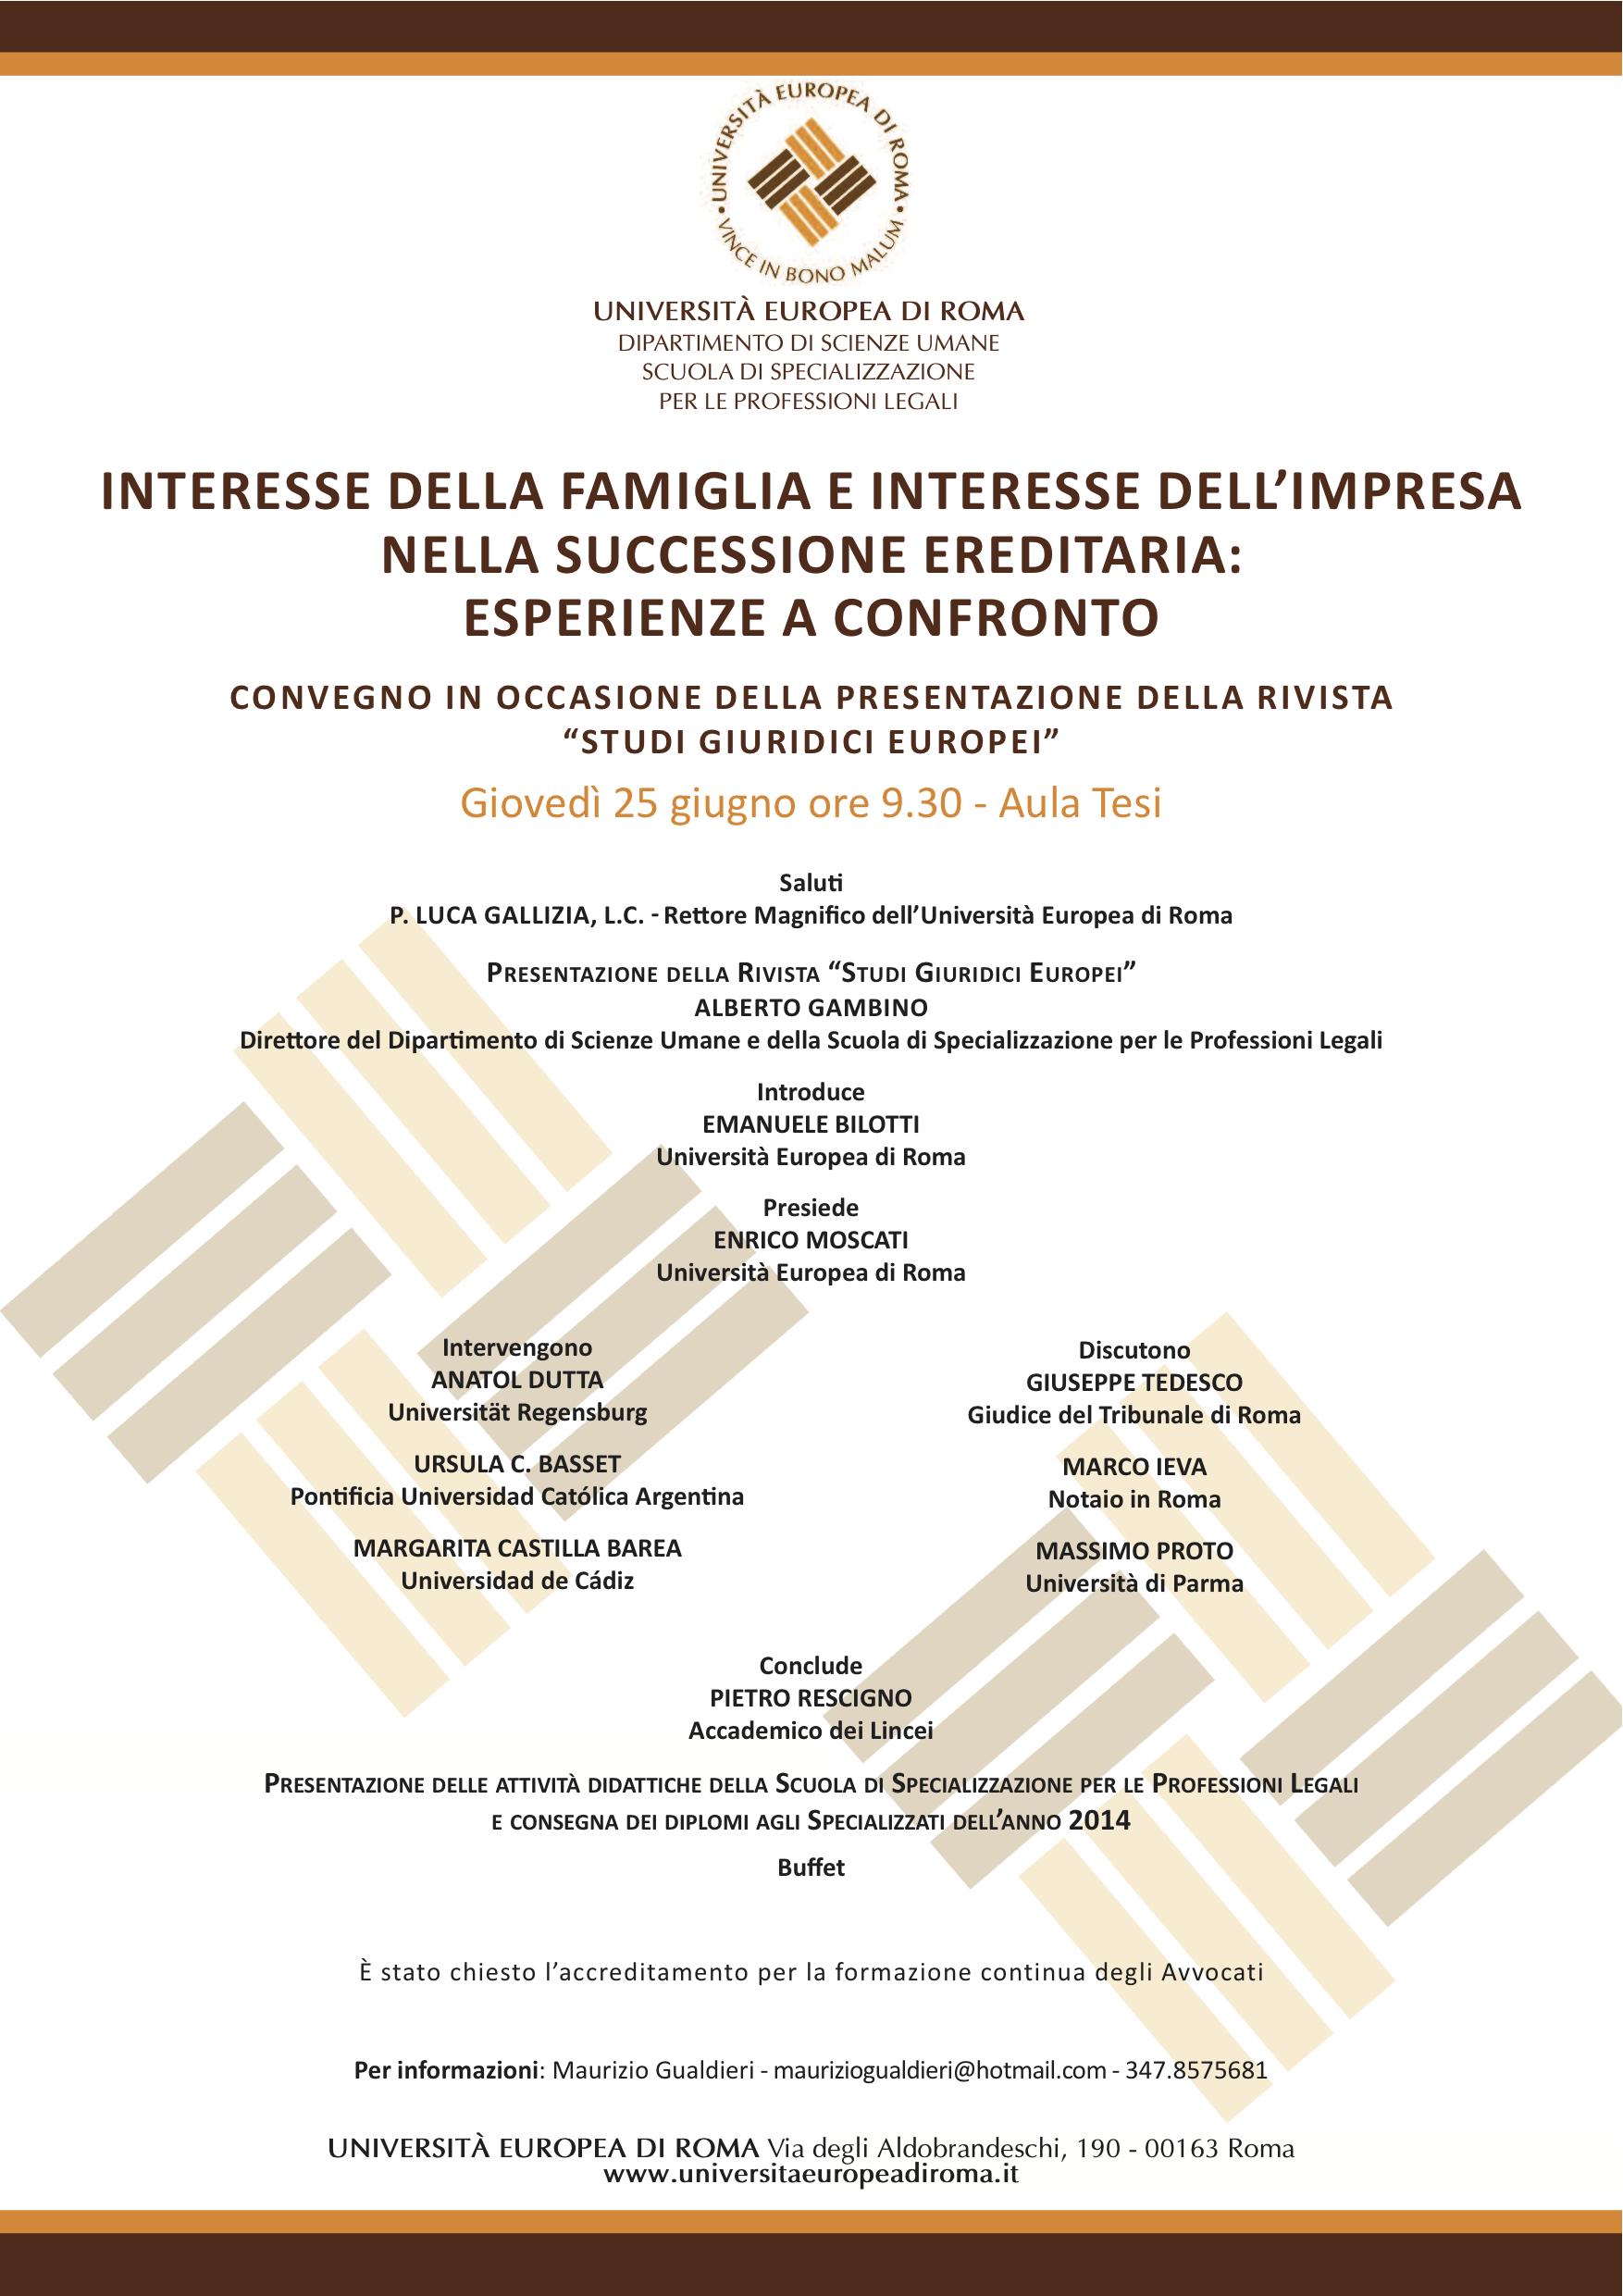 Univ. Europea di Roma - Convegno 25 giugno ore 9.30